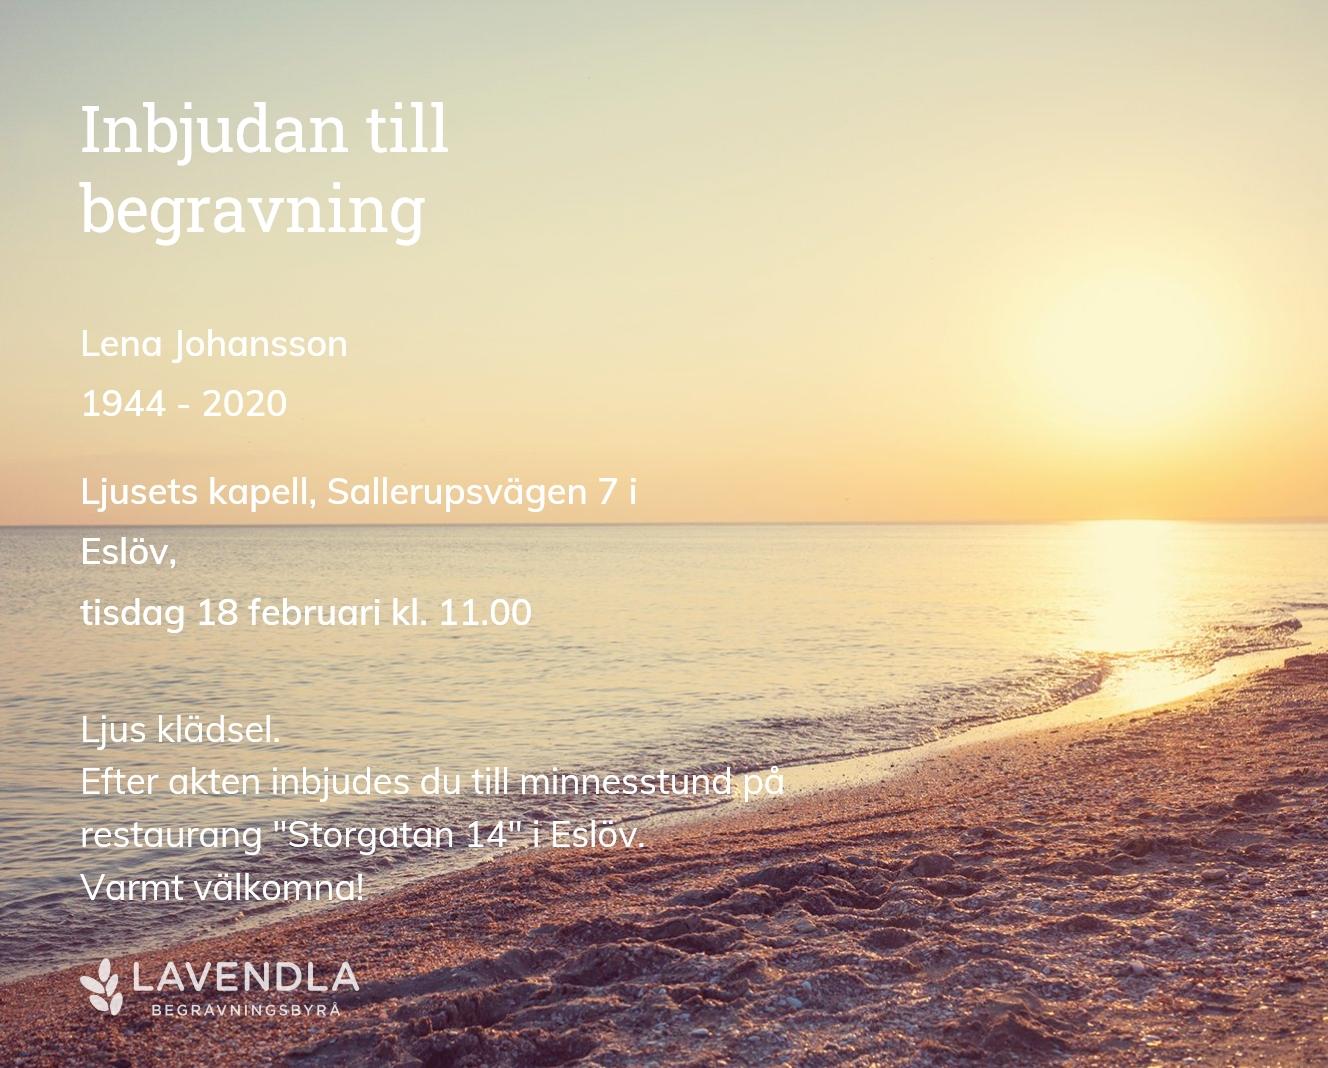 Inbjudningskort till ceremonin för Lena Johansson